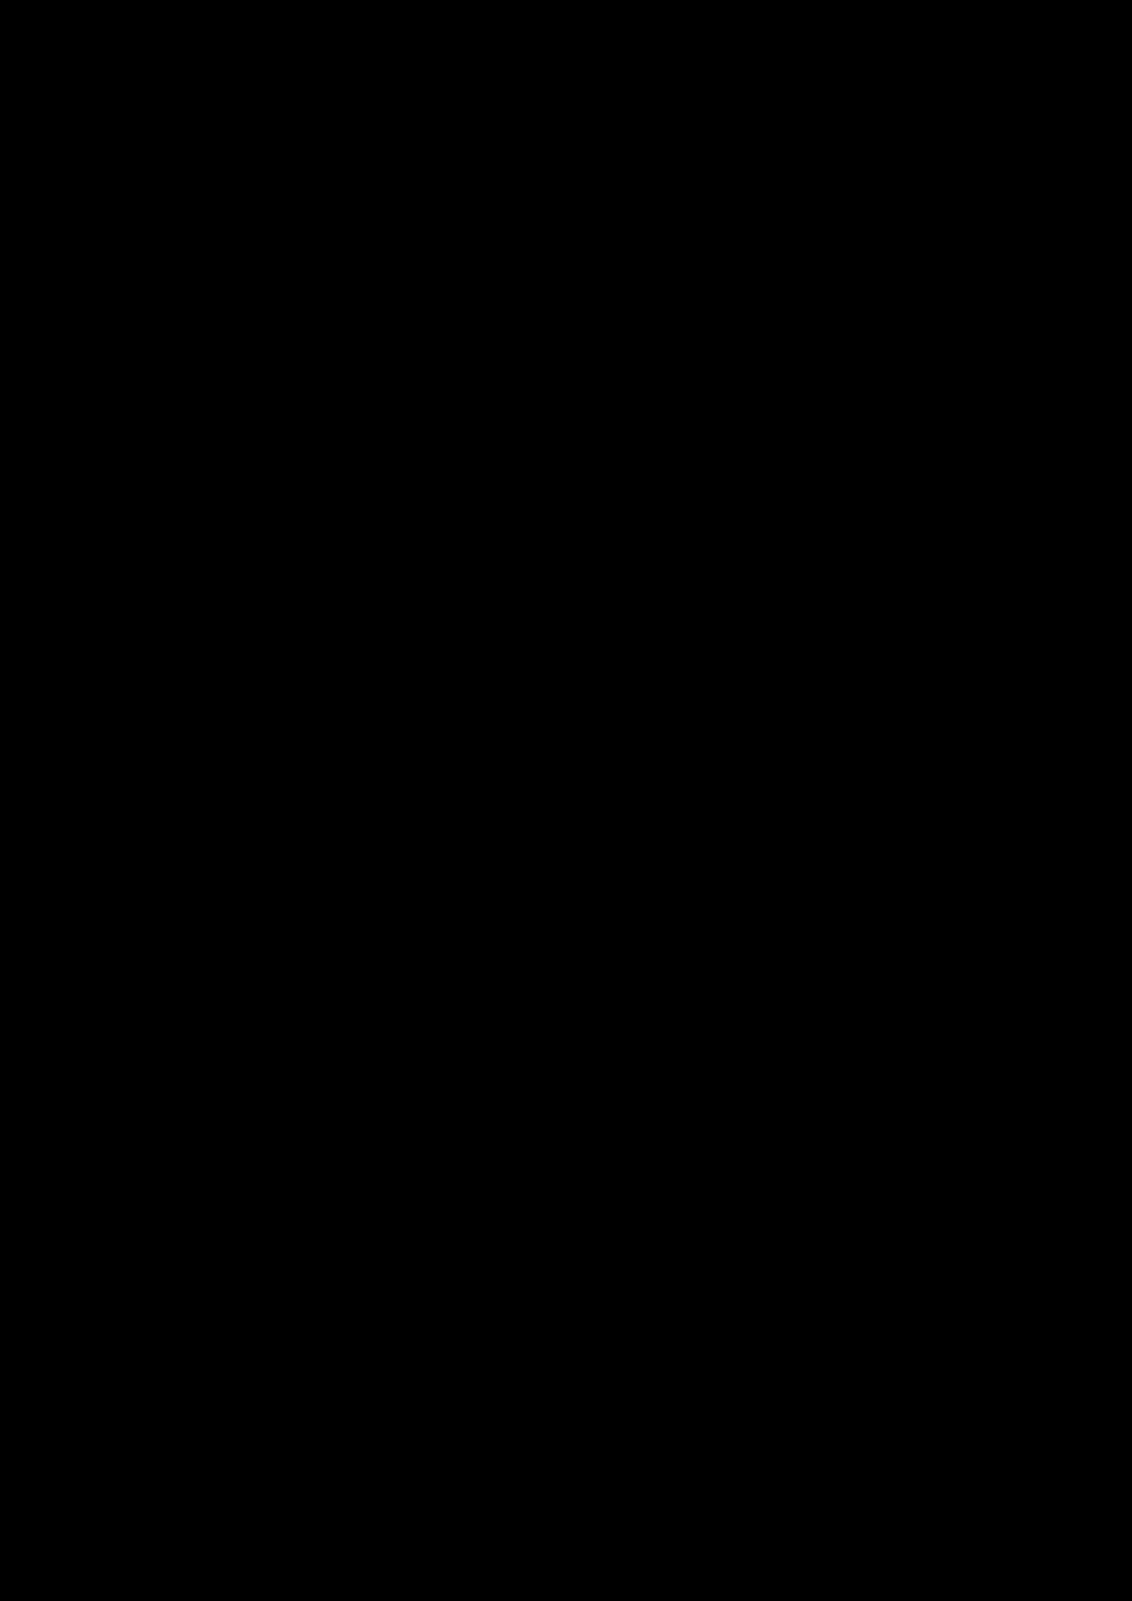 Proschanie s volshebnoy stranoy slide, Image 86